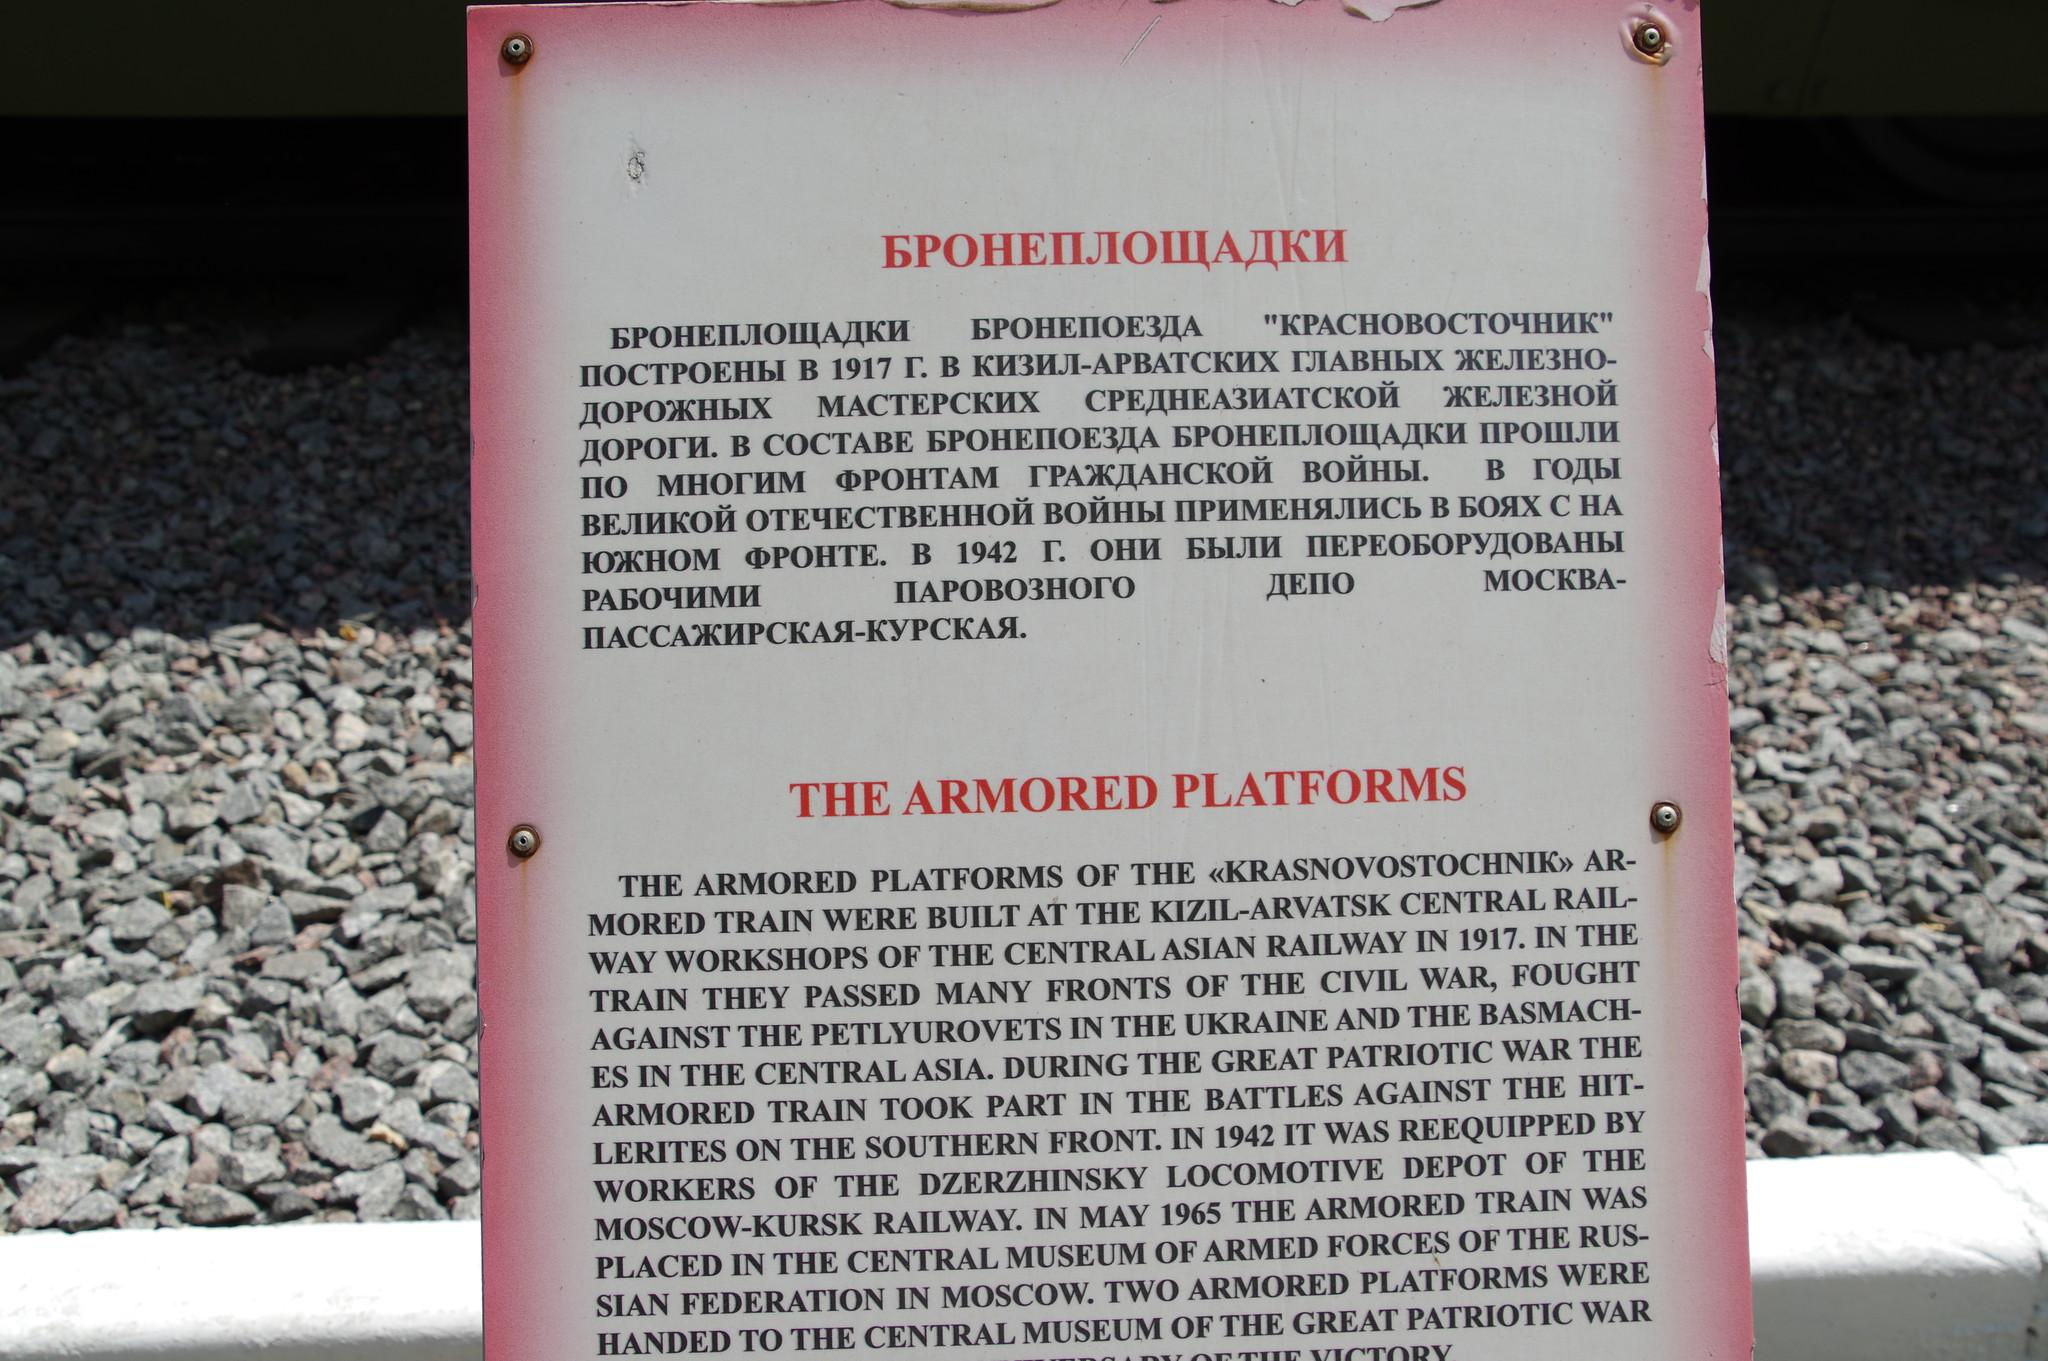 Бронеплощадки бронепоезда «Красновосточник» (Центральный музей Великой Отечественной войны 1941-1945 гг.)